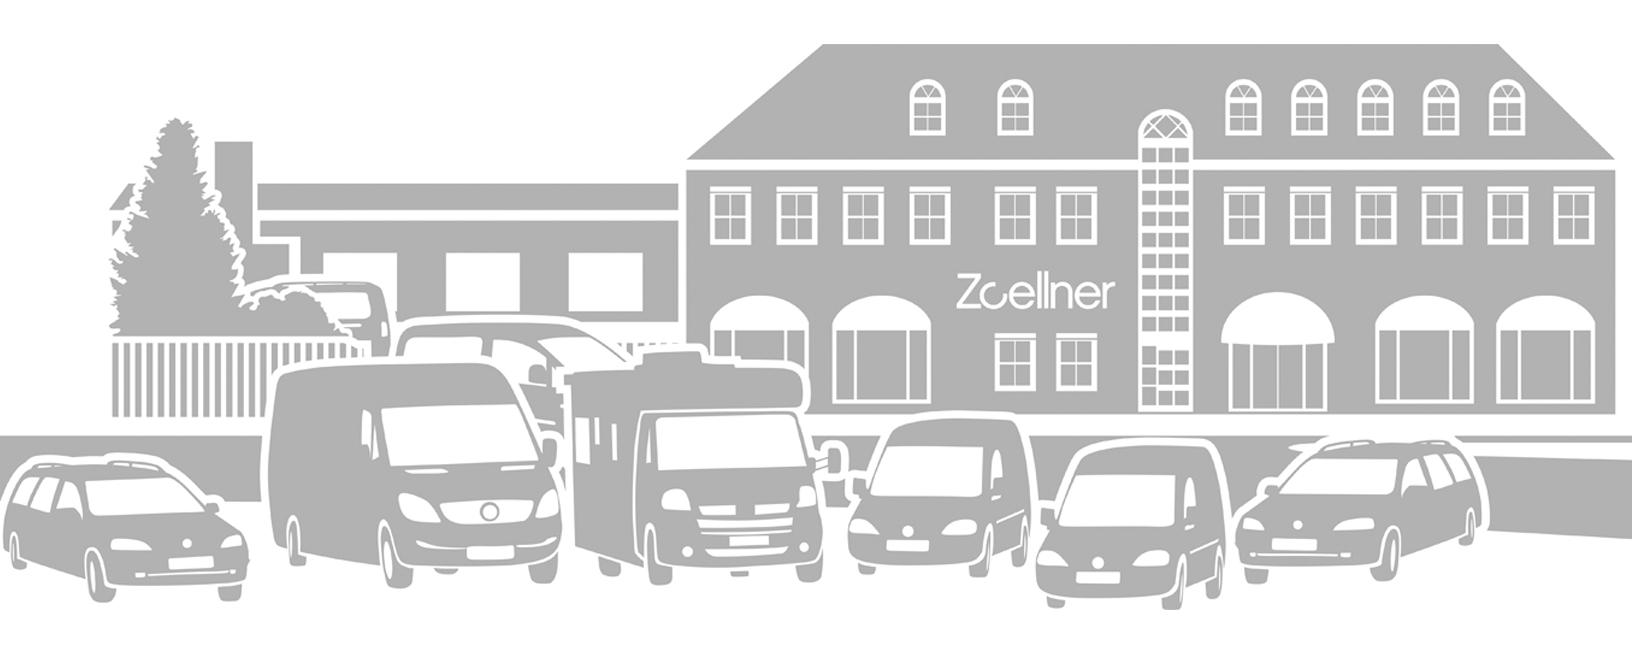 Zoellner Buero- u IT-Systeme GmbH Elsterwerda Geschichte